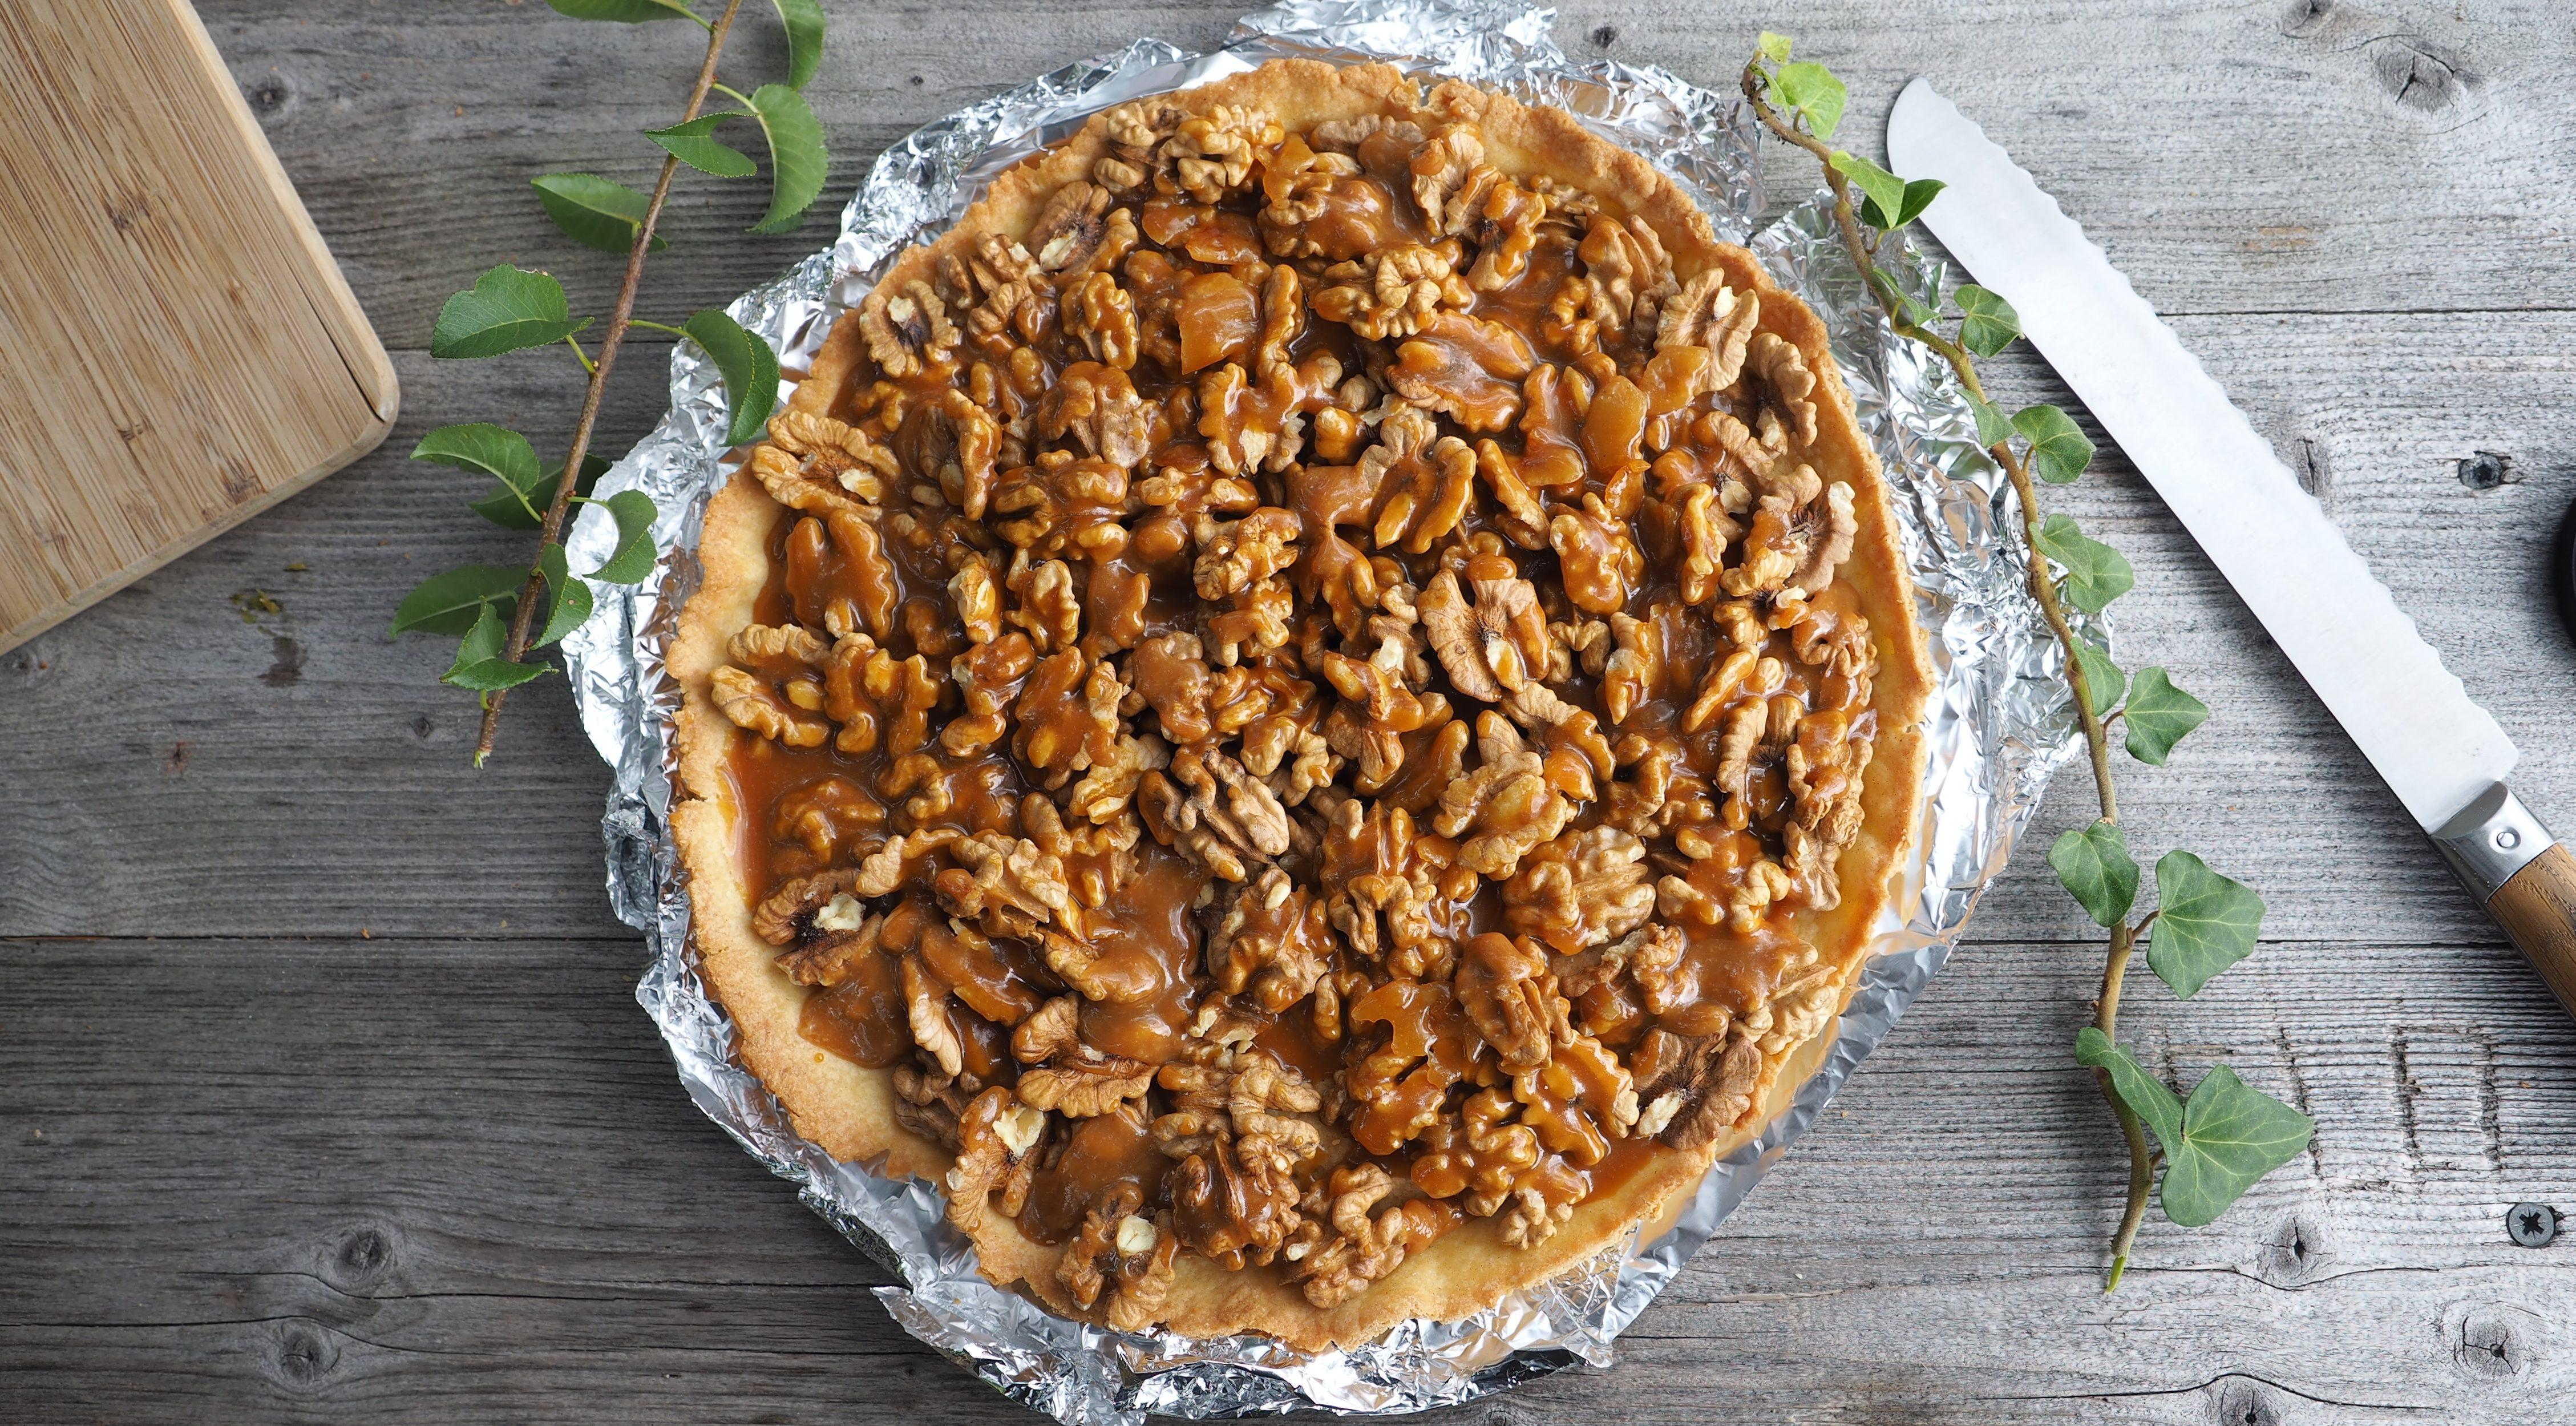 tarte noix grenoble caramel